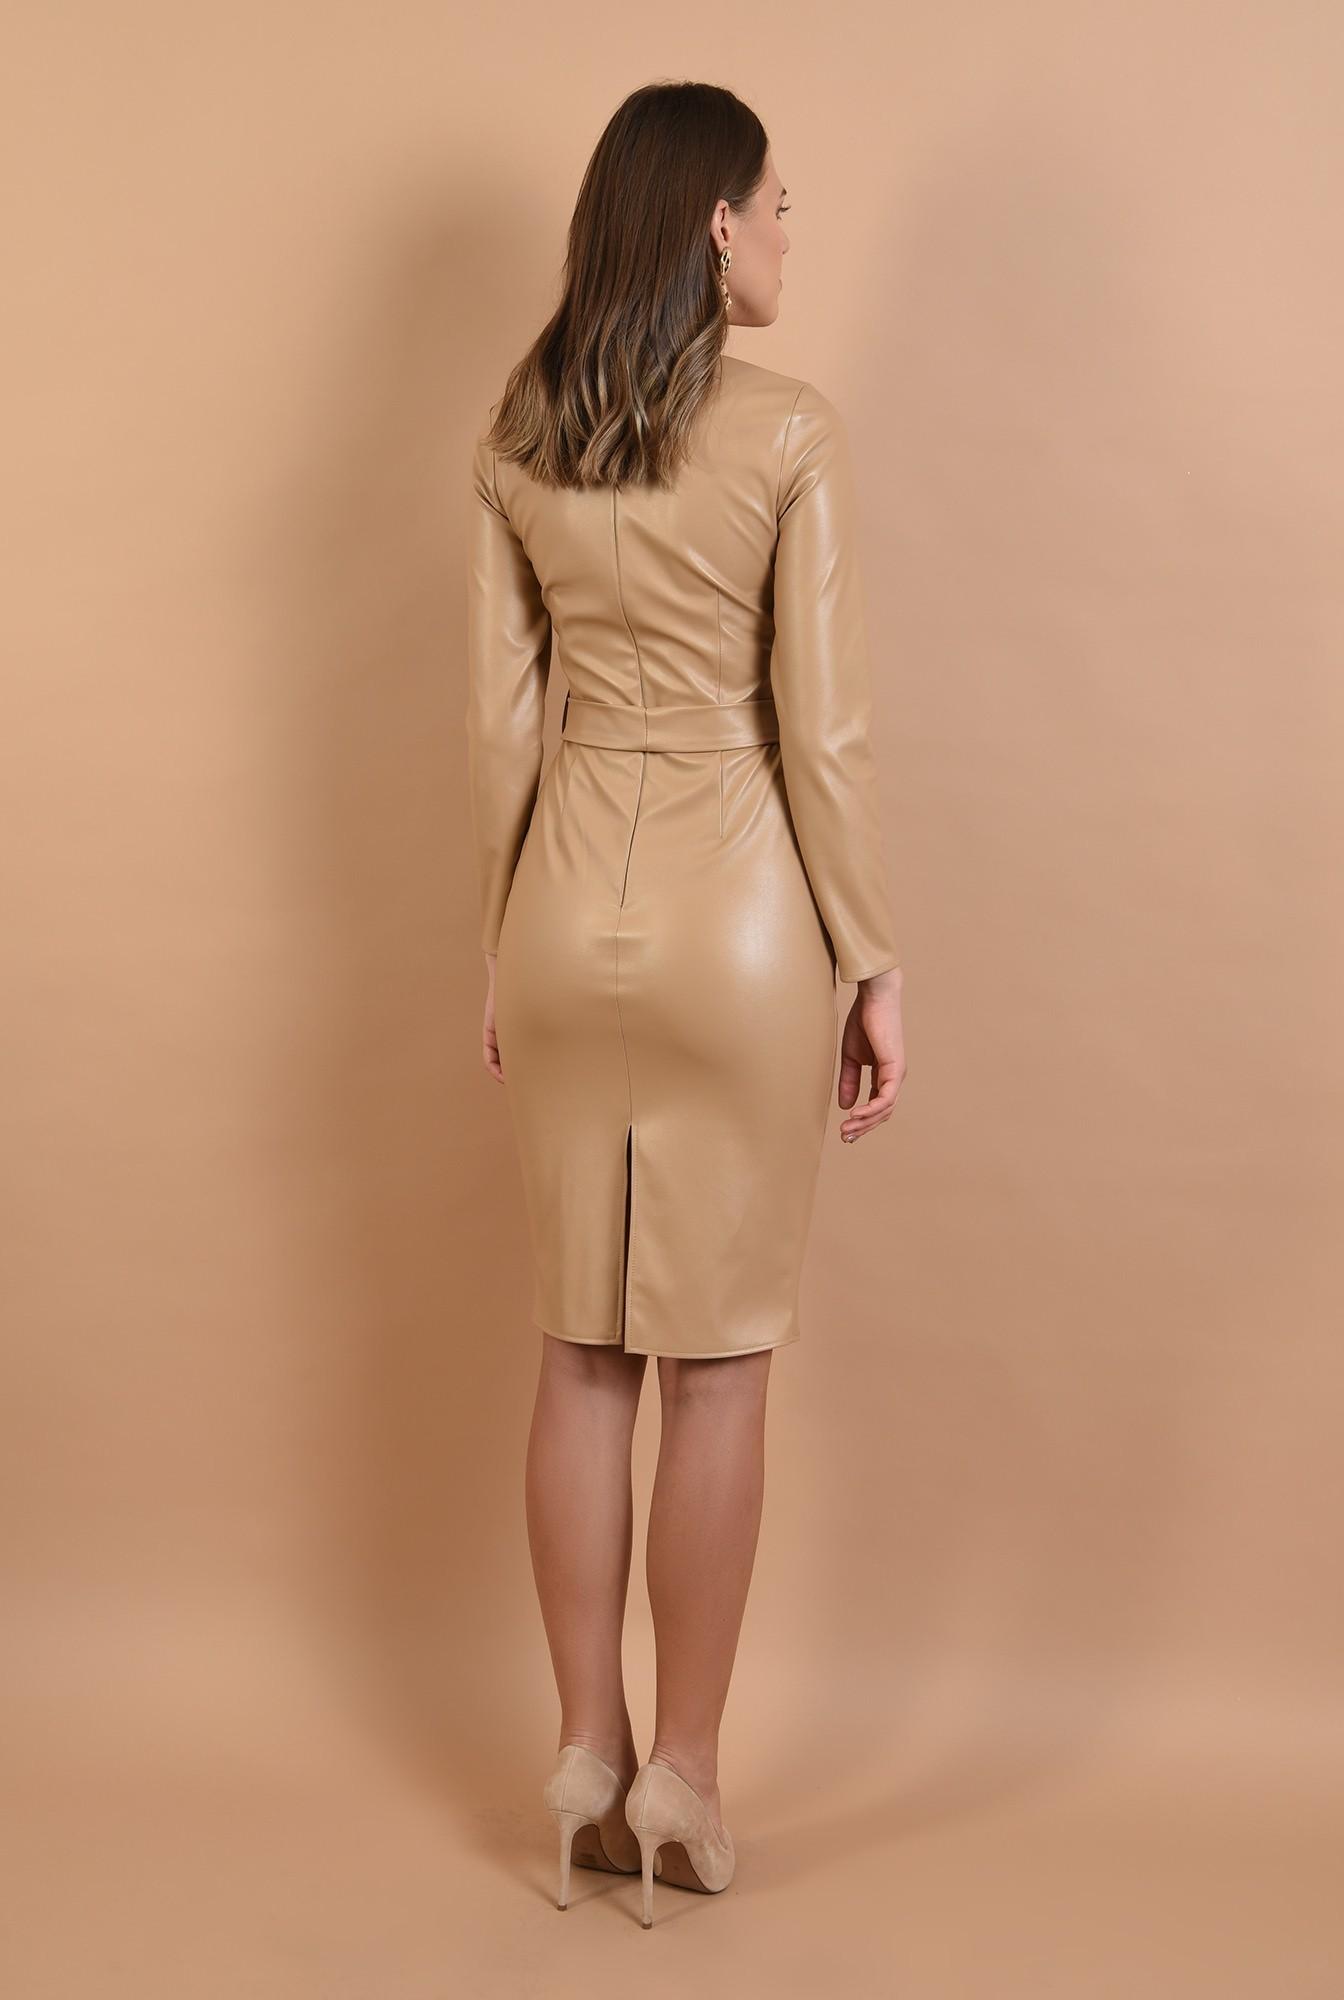 1 - rochie midi, conica, cu cordon, piele eco, nude